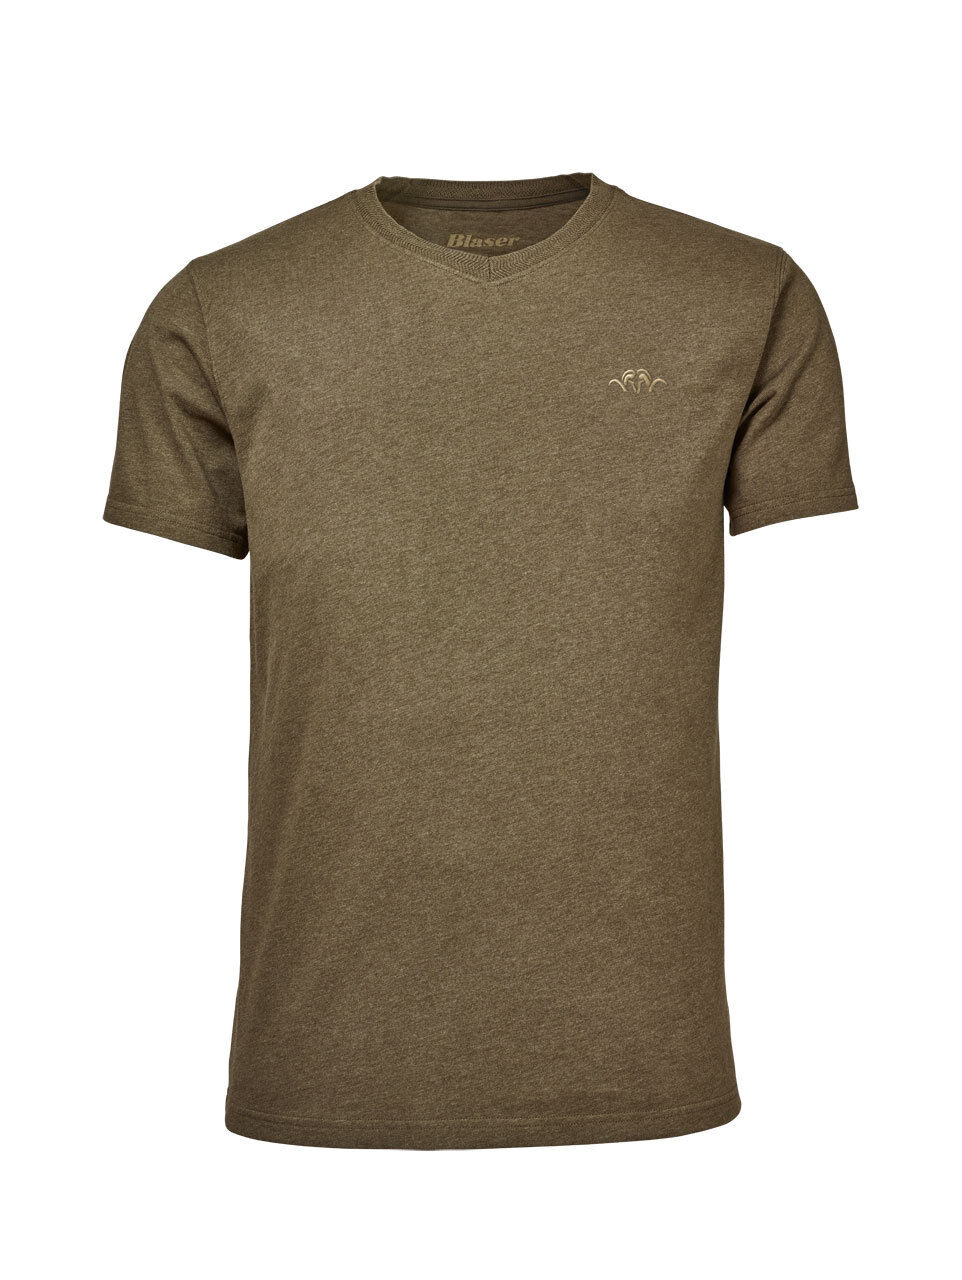 NEW  Blaser T-Shirt V Classic - 2 colors - Reed Melange Beige Melange 118019